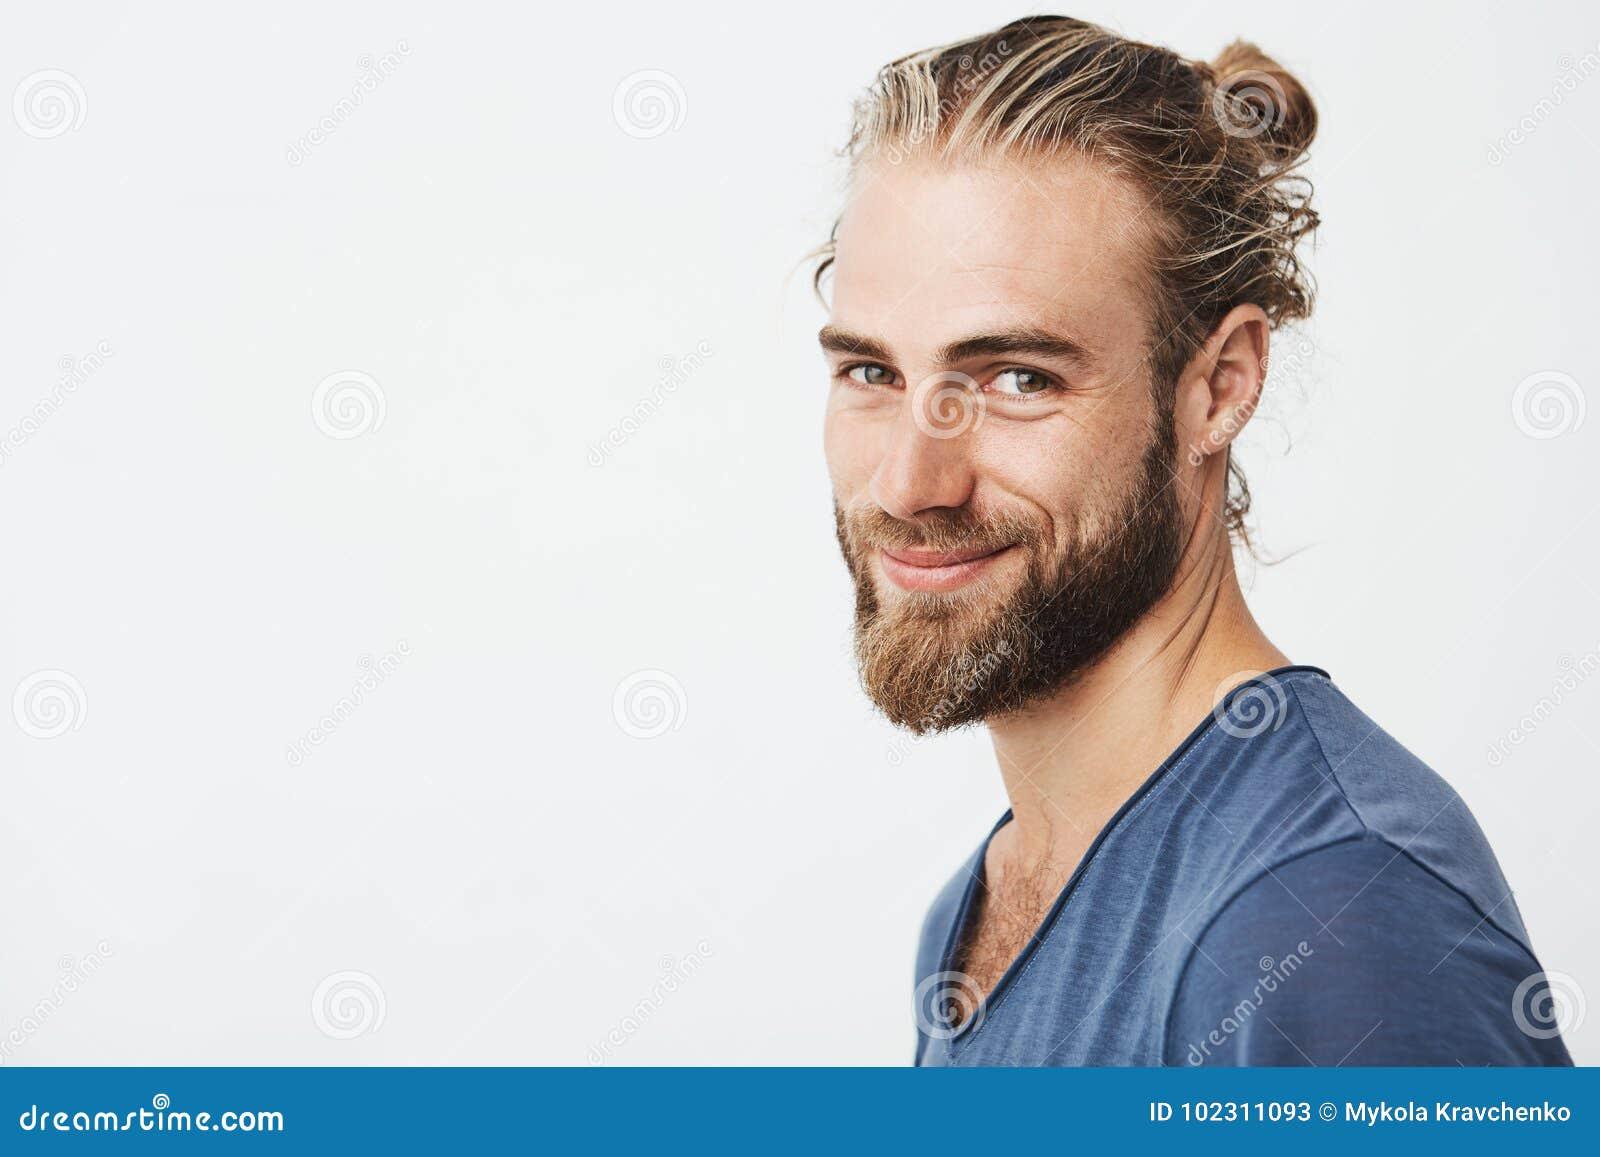 Chiuda sul ritratto del tipo virile bello con la barba che posa in tre quarti, guardante in camera e sorridente felicemente